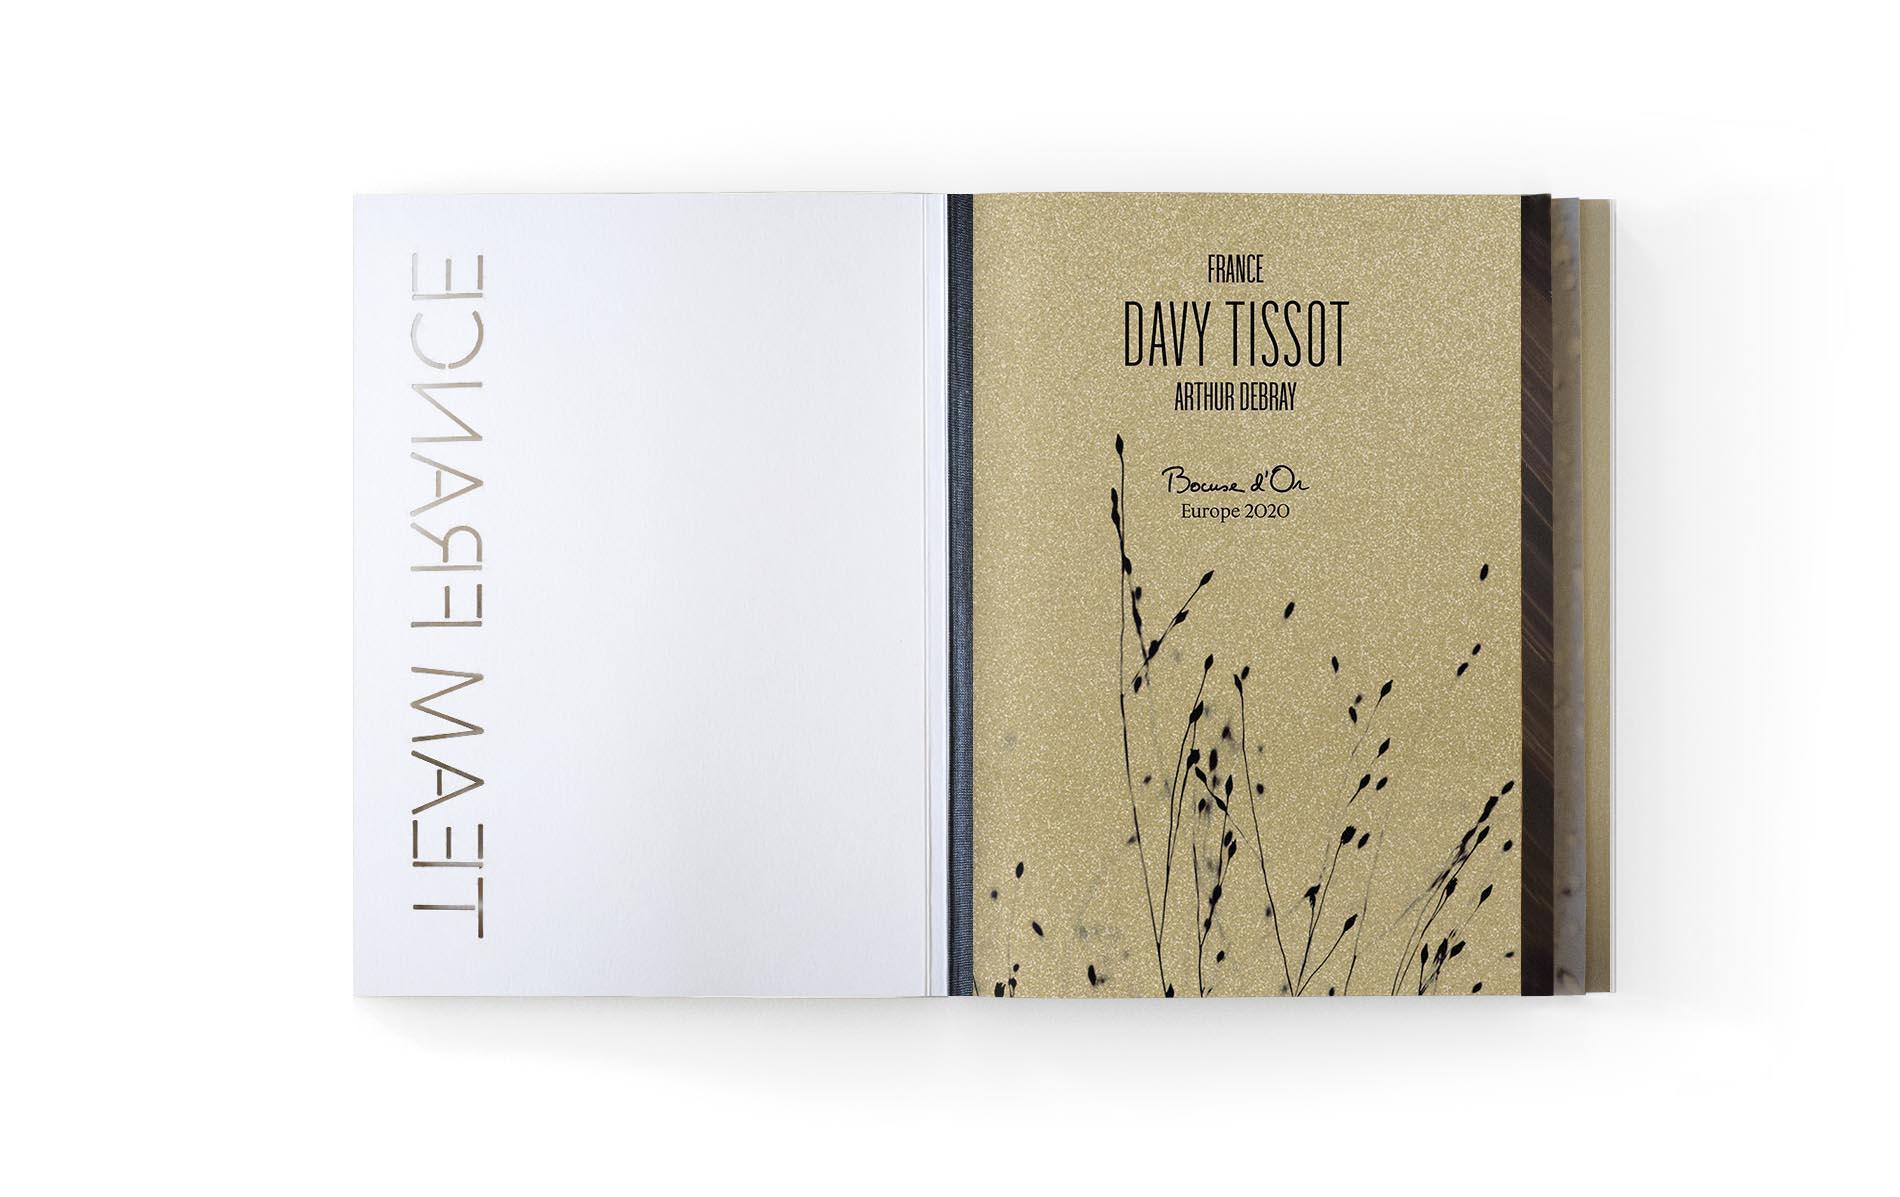 Menu développés par le Studio Exquisite pour accompagner le Chef Davy Tissot et la Team France sur le concours du Bocuse d'Or Europe